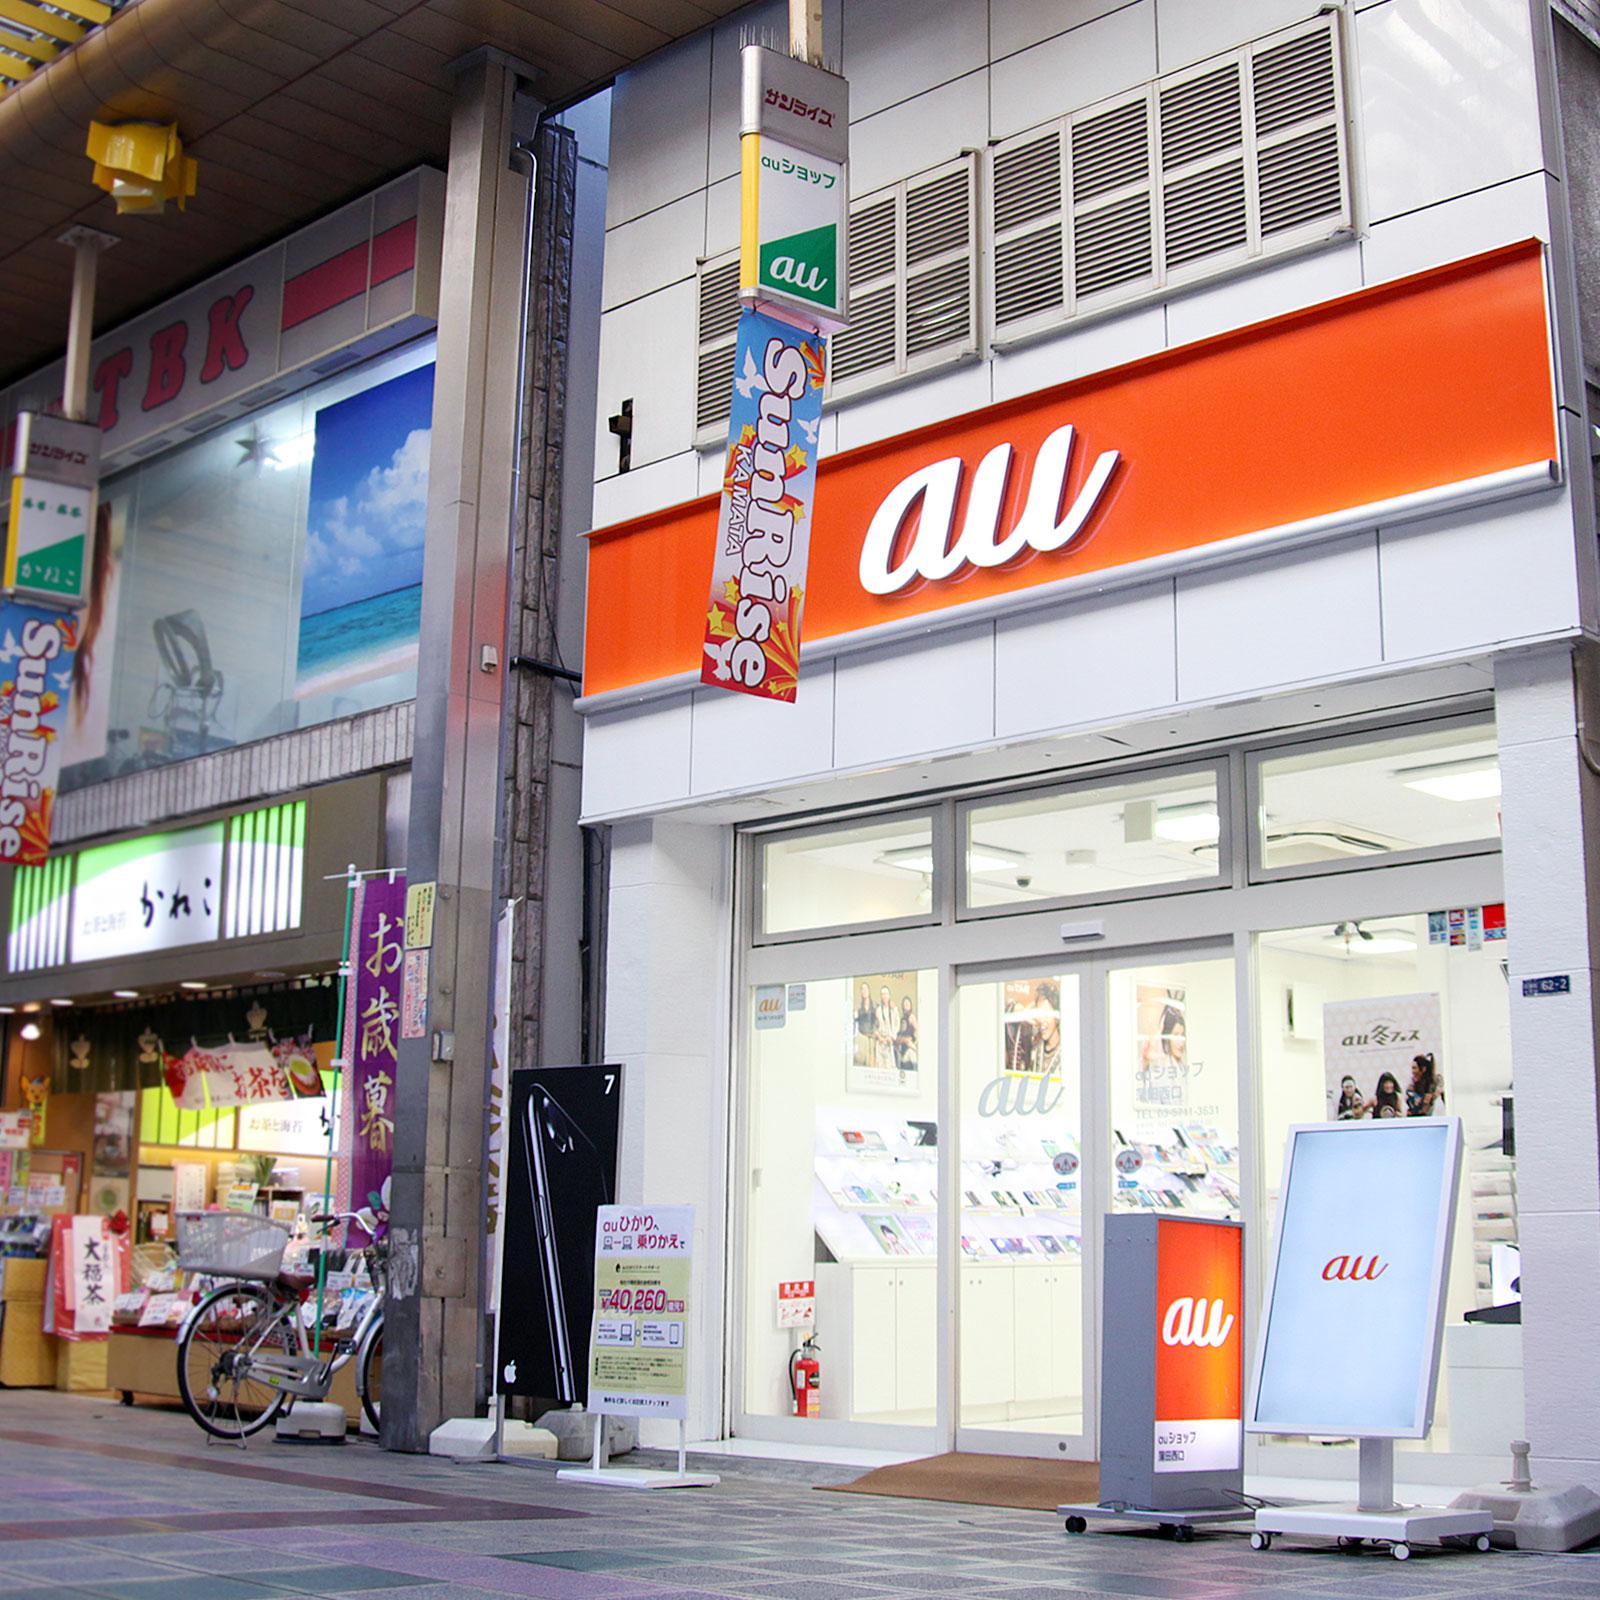 auショップ 蒲田西口店